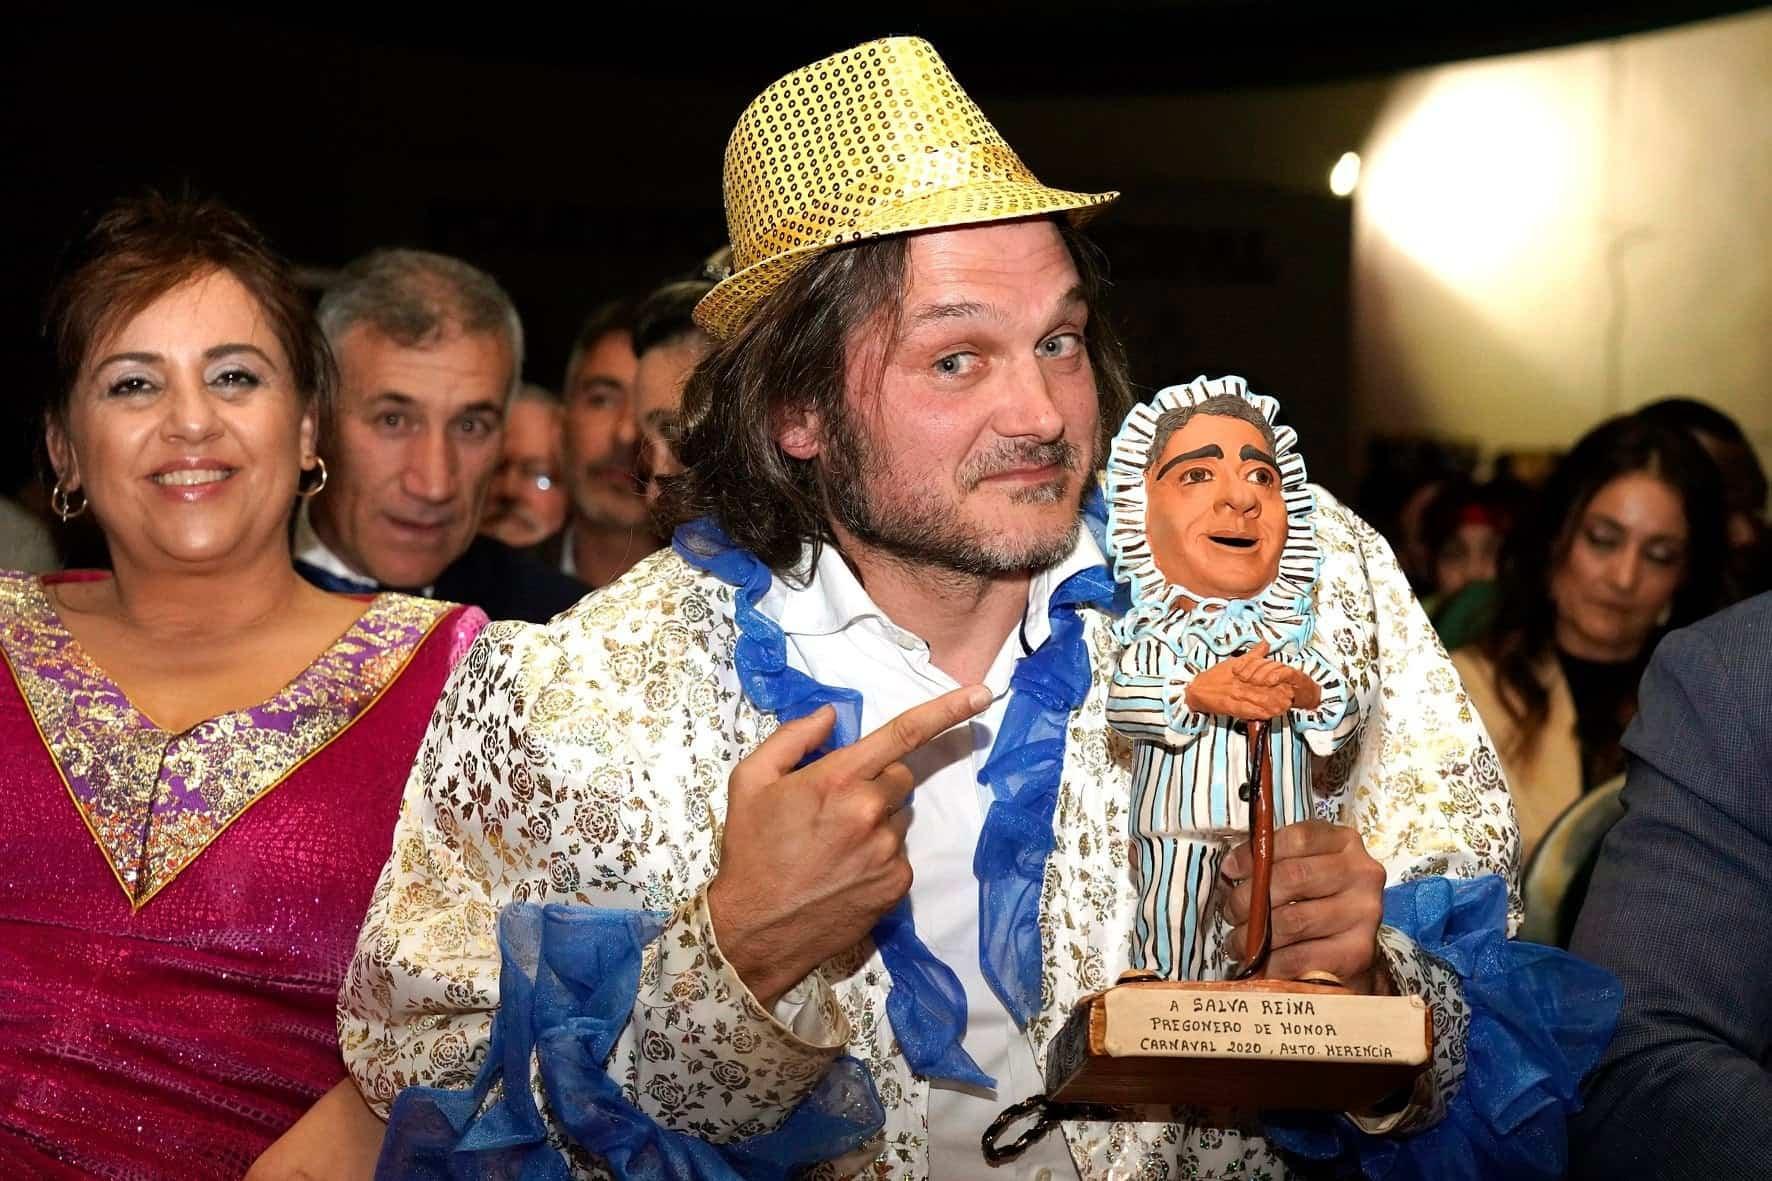 Inauguración del Carnaval de Herencia 2020 110